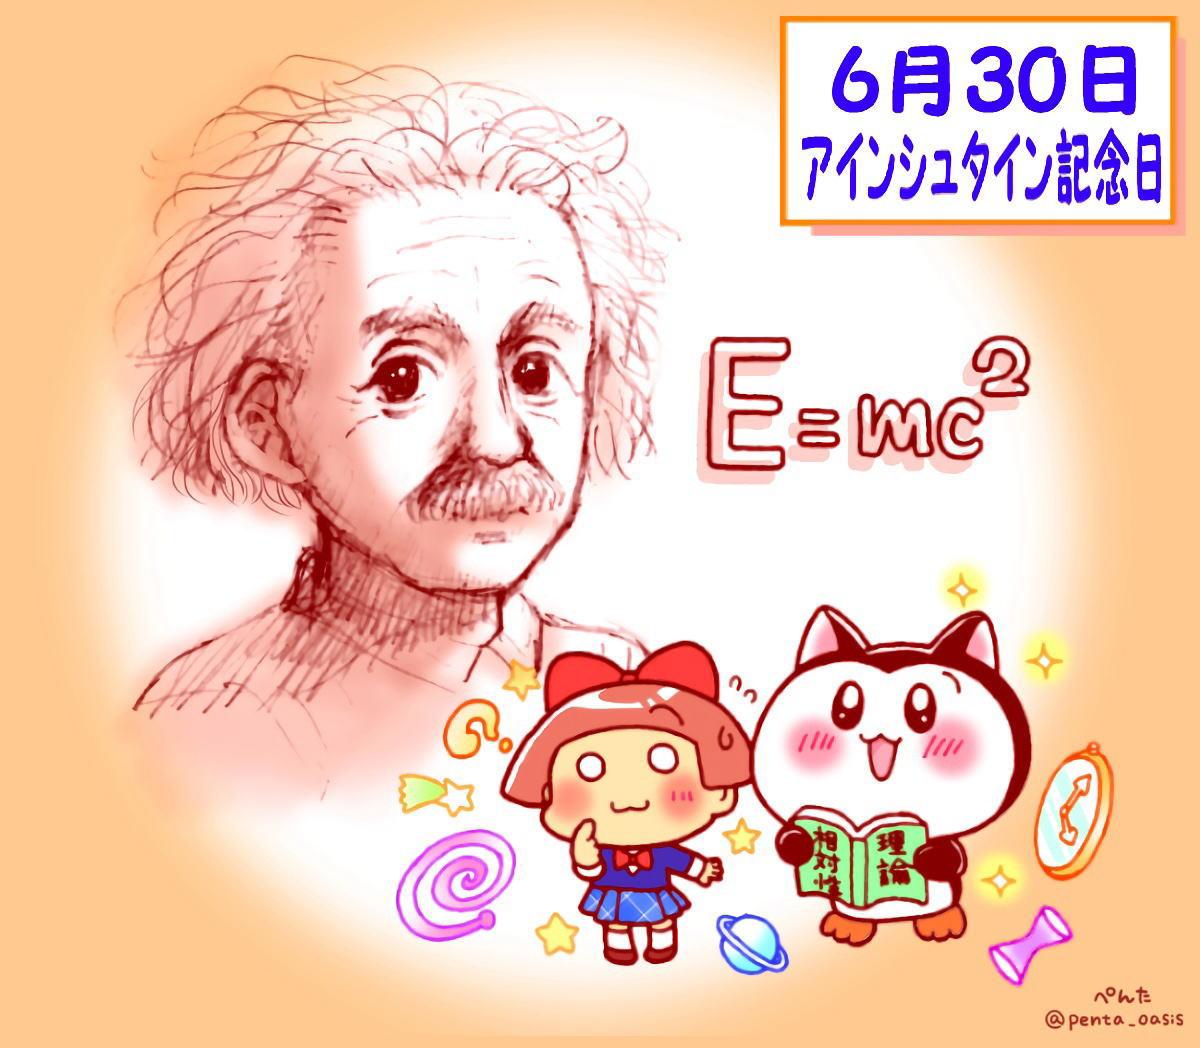 6月30日 アインシュタイン記念日...